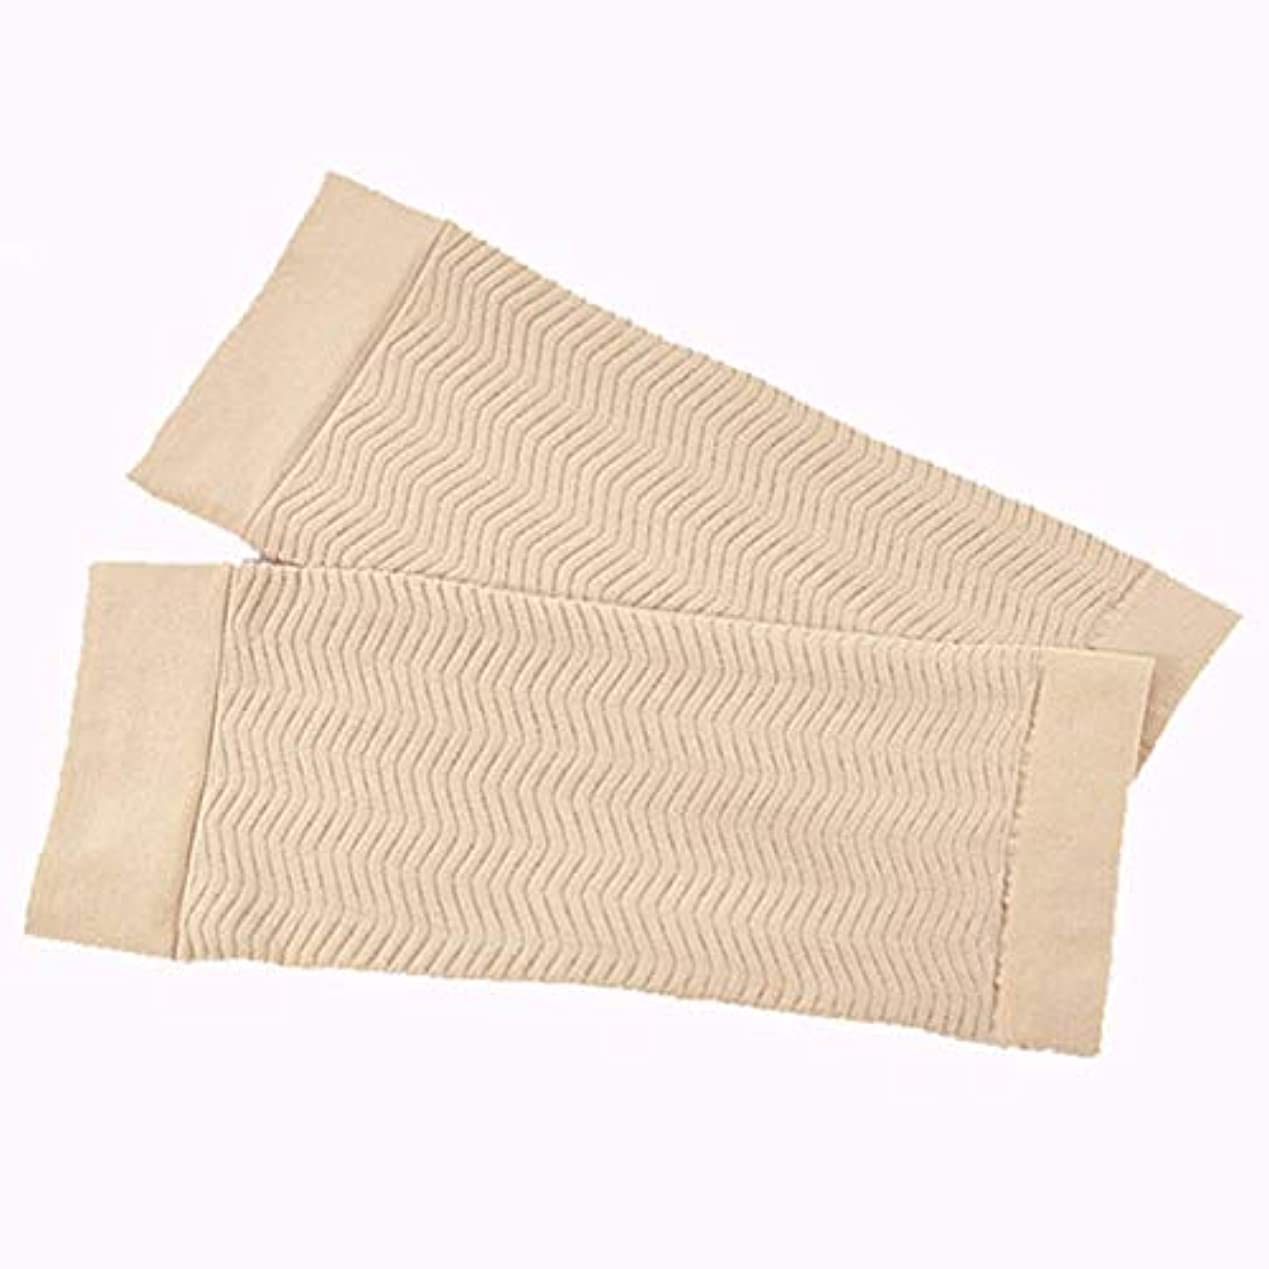 入札方法論抑圧する二の腕 シェイパーサポー UV対策 ふくらはぎ むくみ 対策 (肌色)